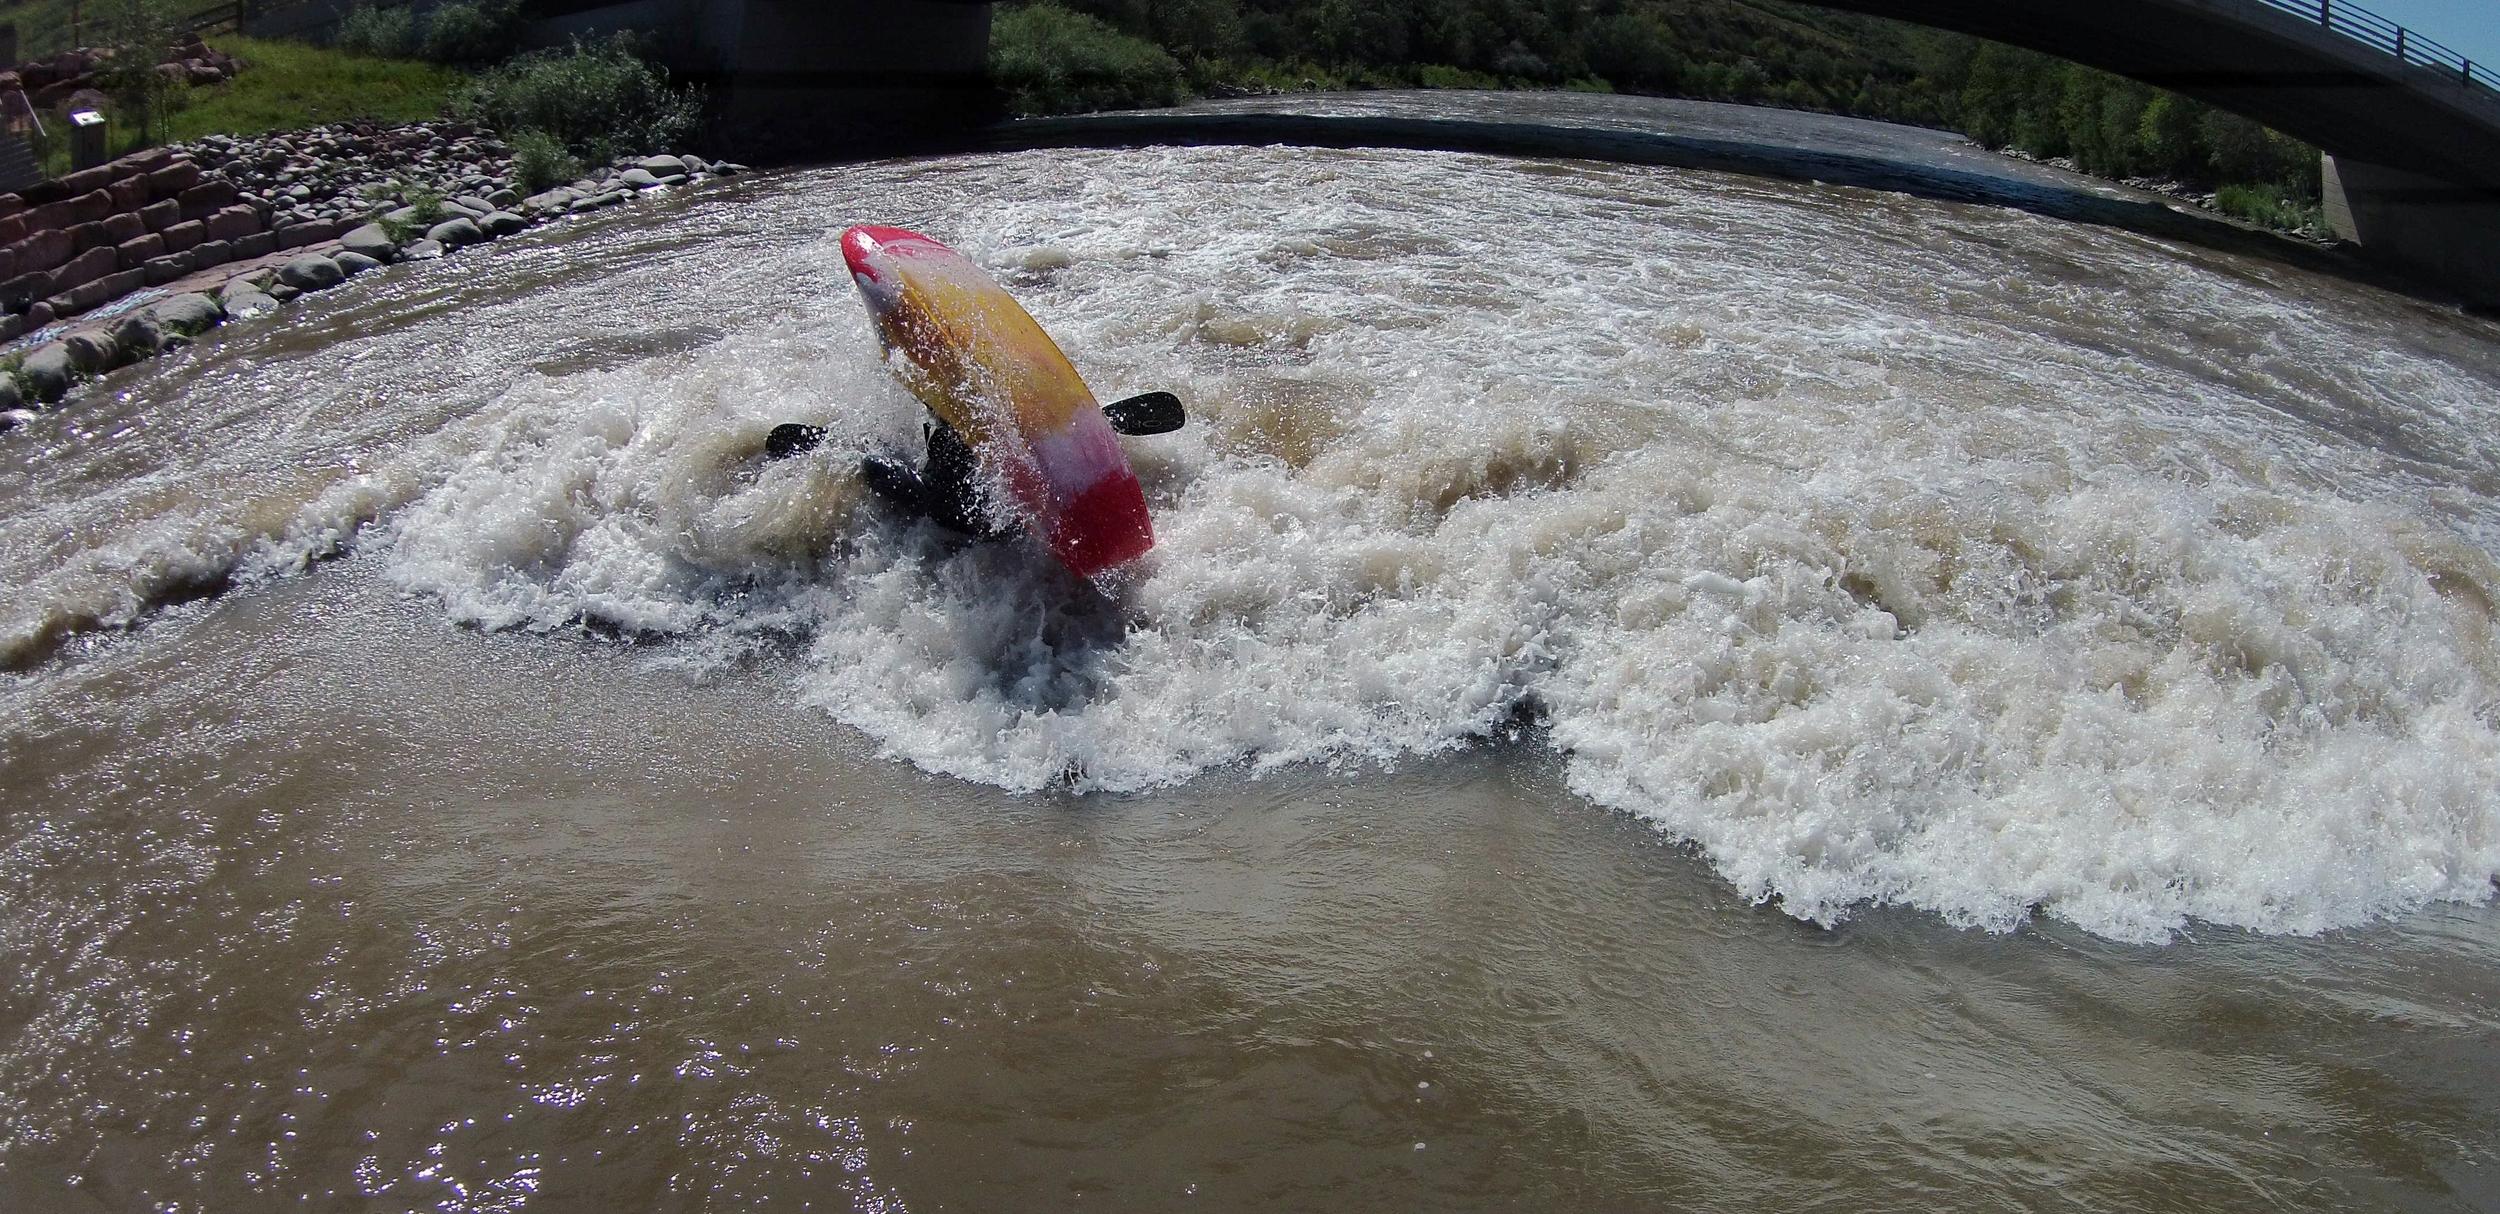 kayak edit 2.jpg